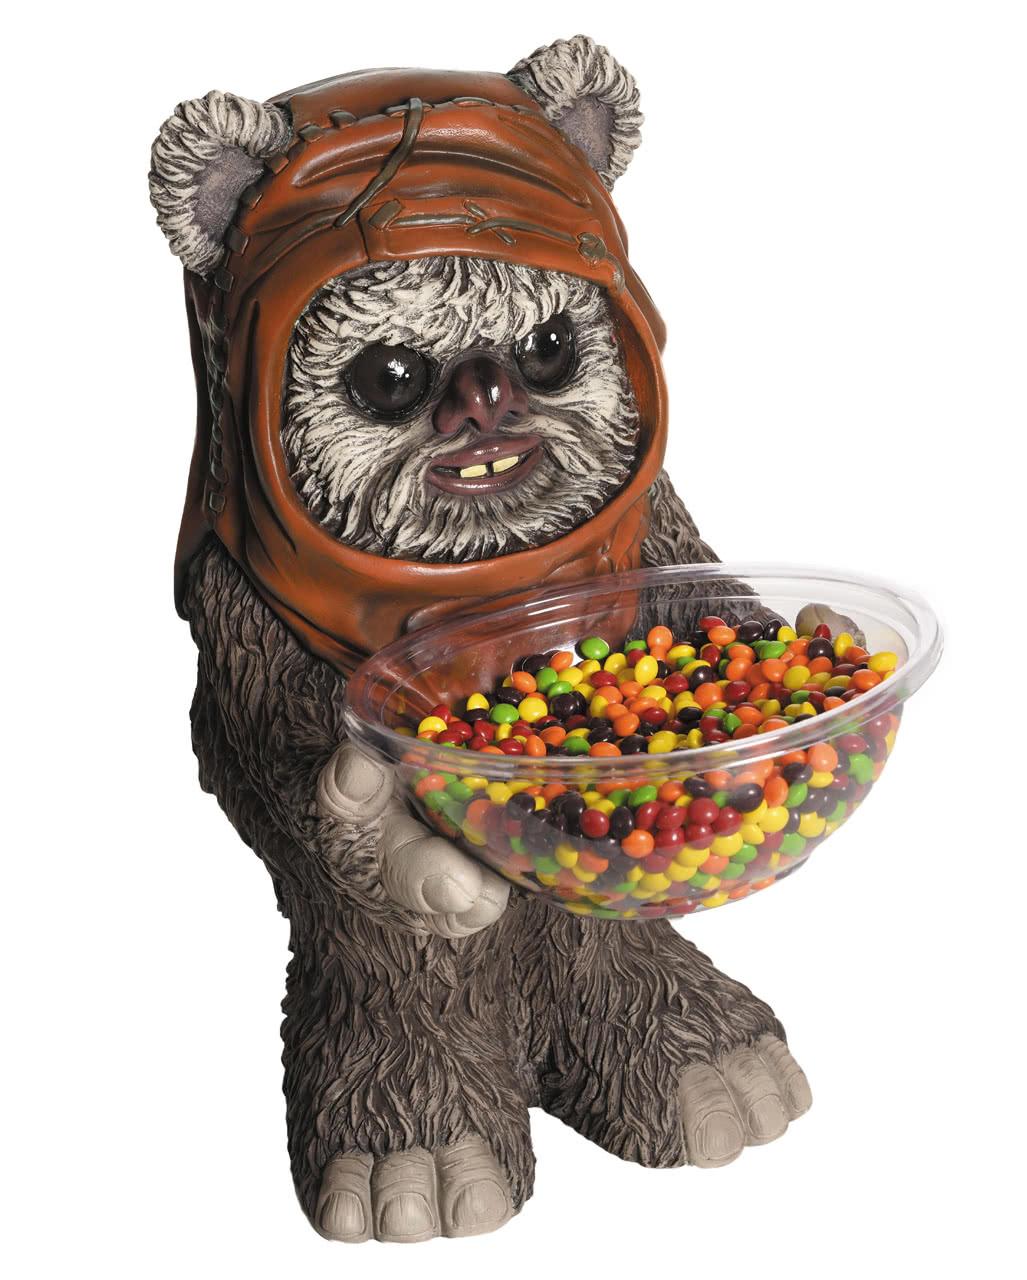 Ewok Süßigkeiten Halter Star Wars Candy Bowl Horror Shopcom